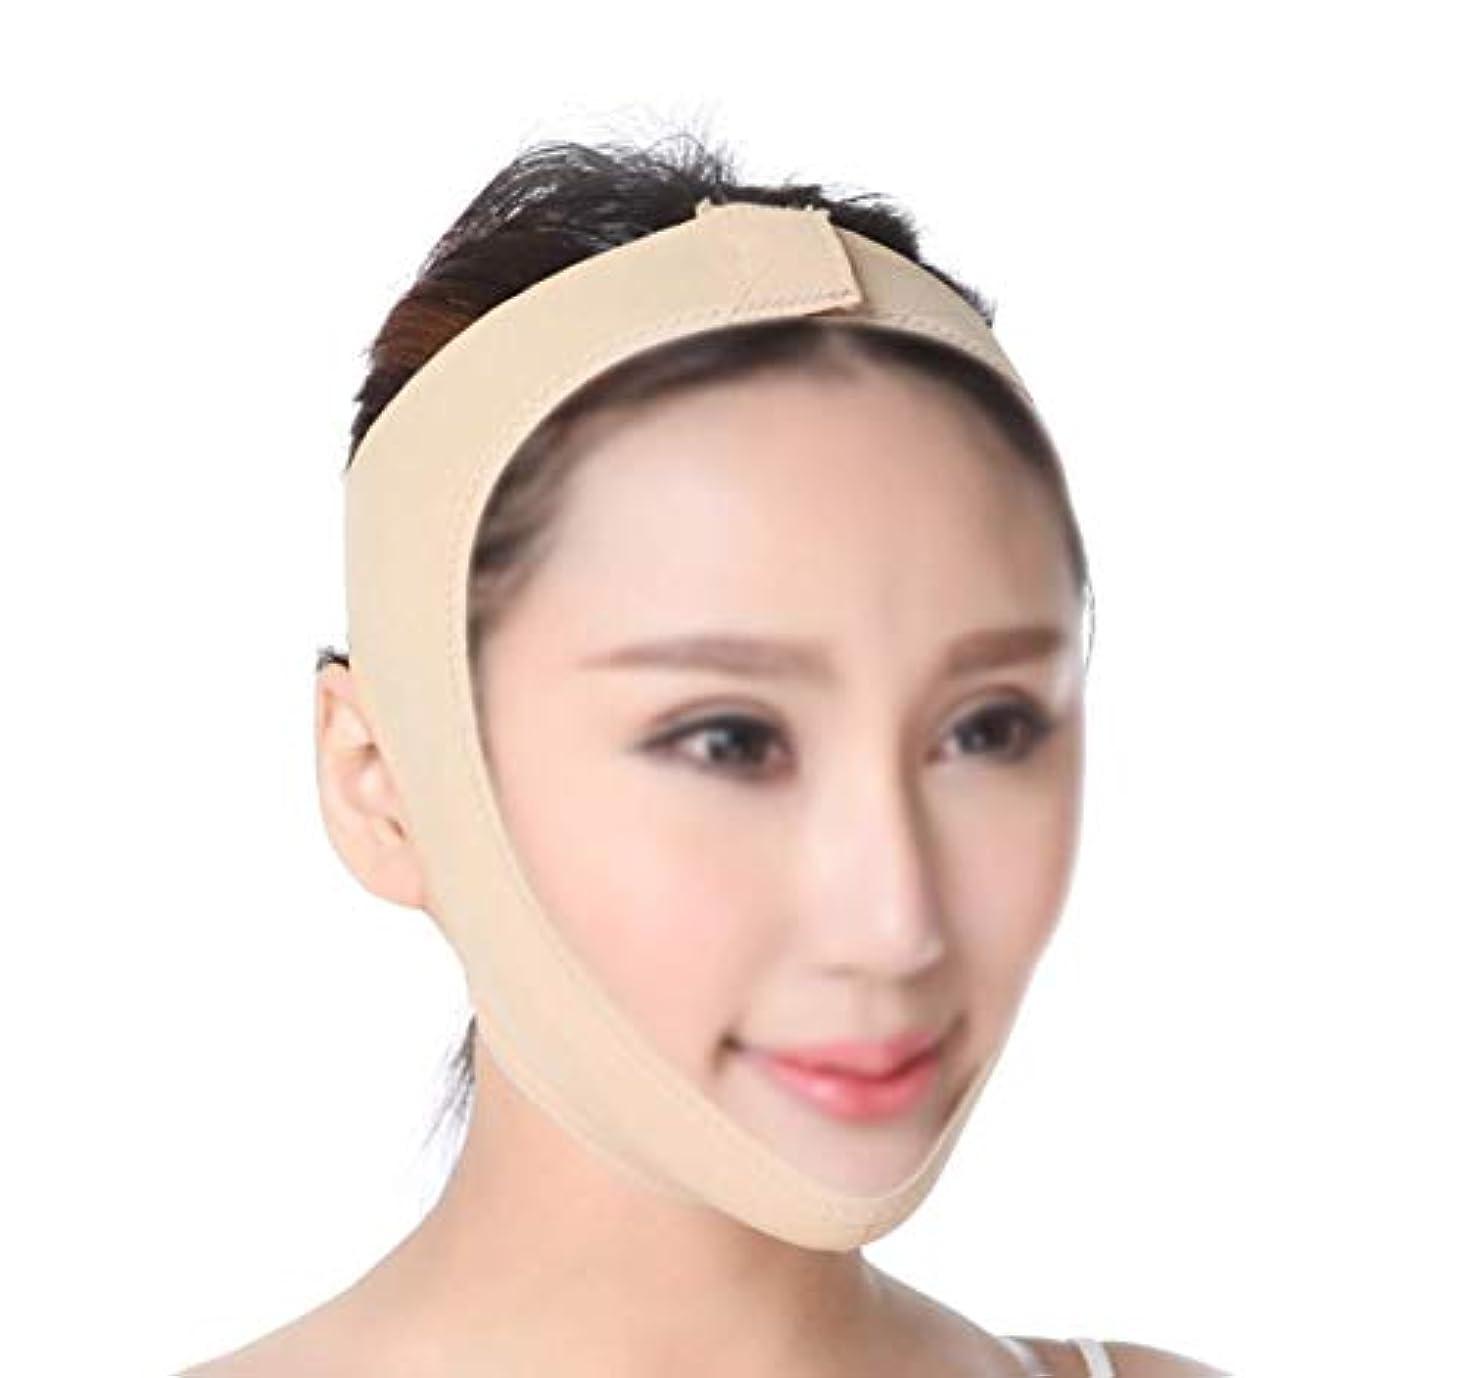 担保応用累積フェイスリフティング包帯、フェイシャル減量アンチシワケアフェイスリフトで肌を引き締め、二重あごを効果的に改善し、V字型の顔になります(サイズ:S),L